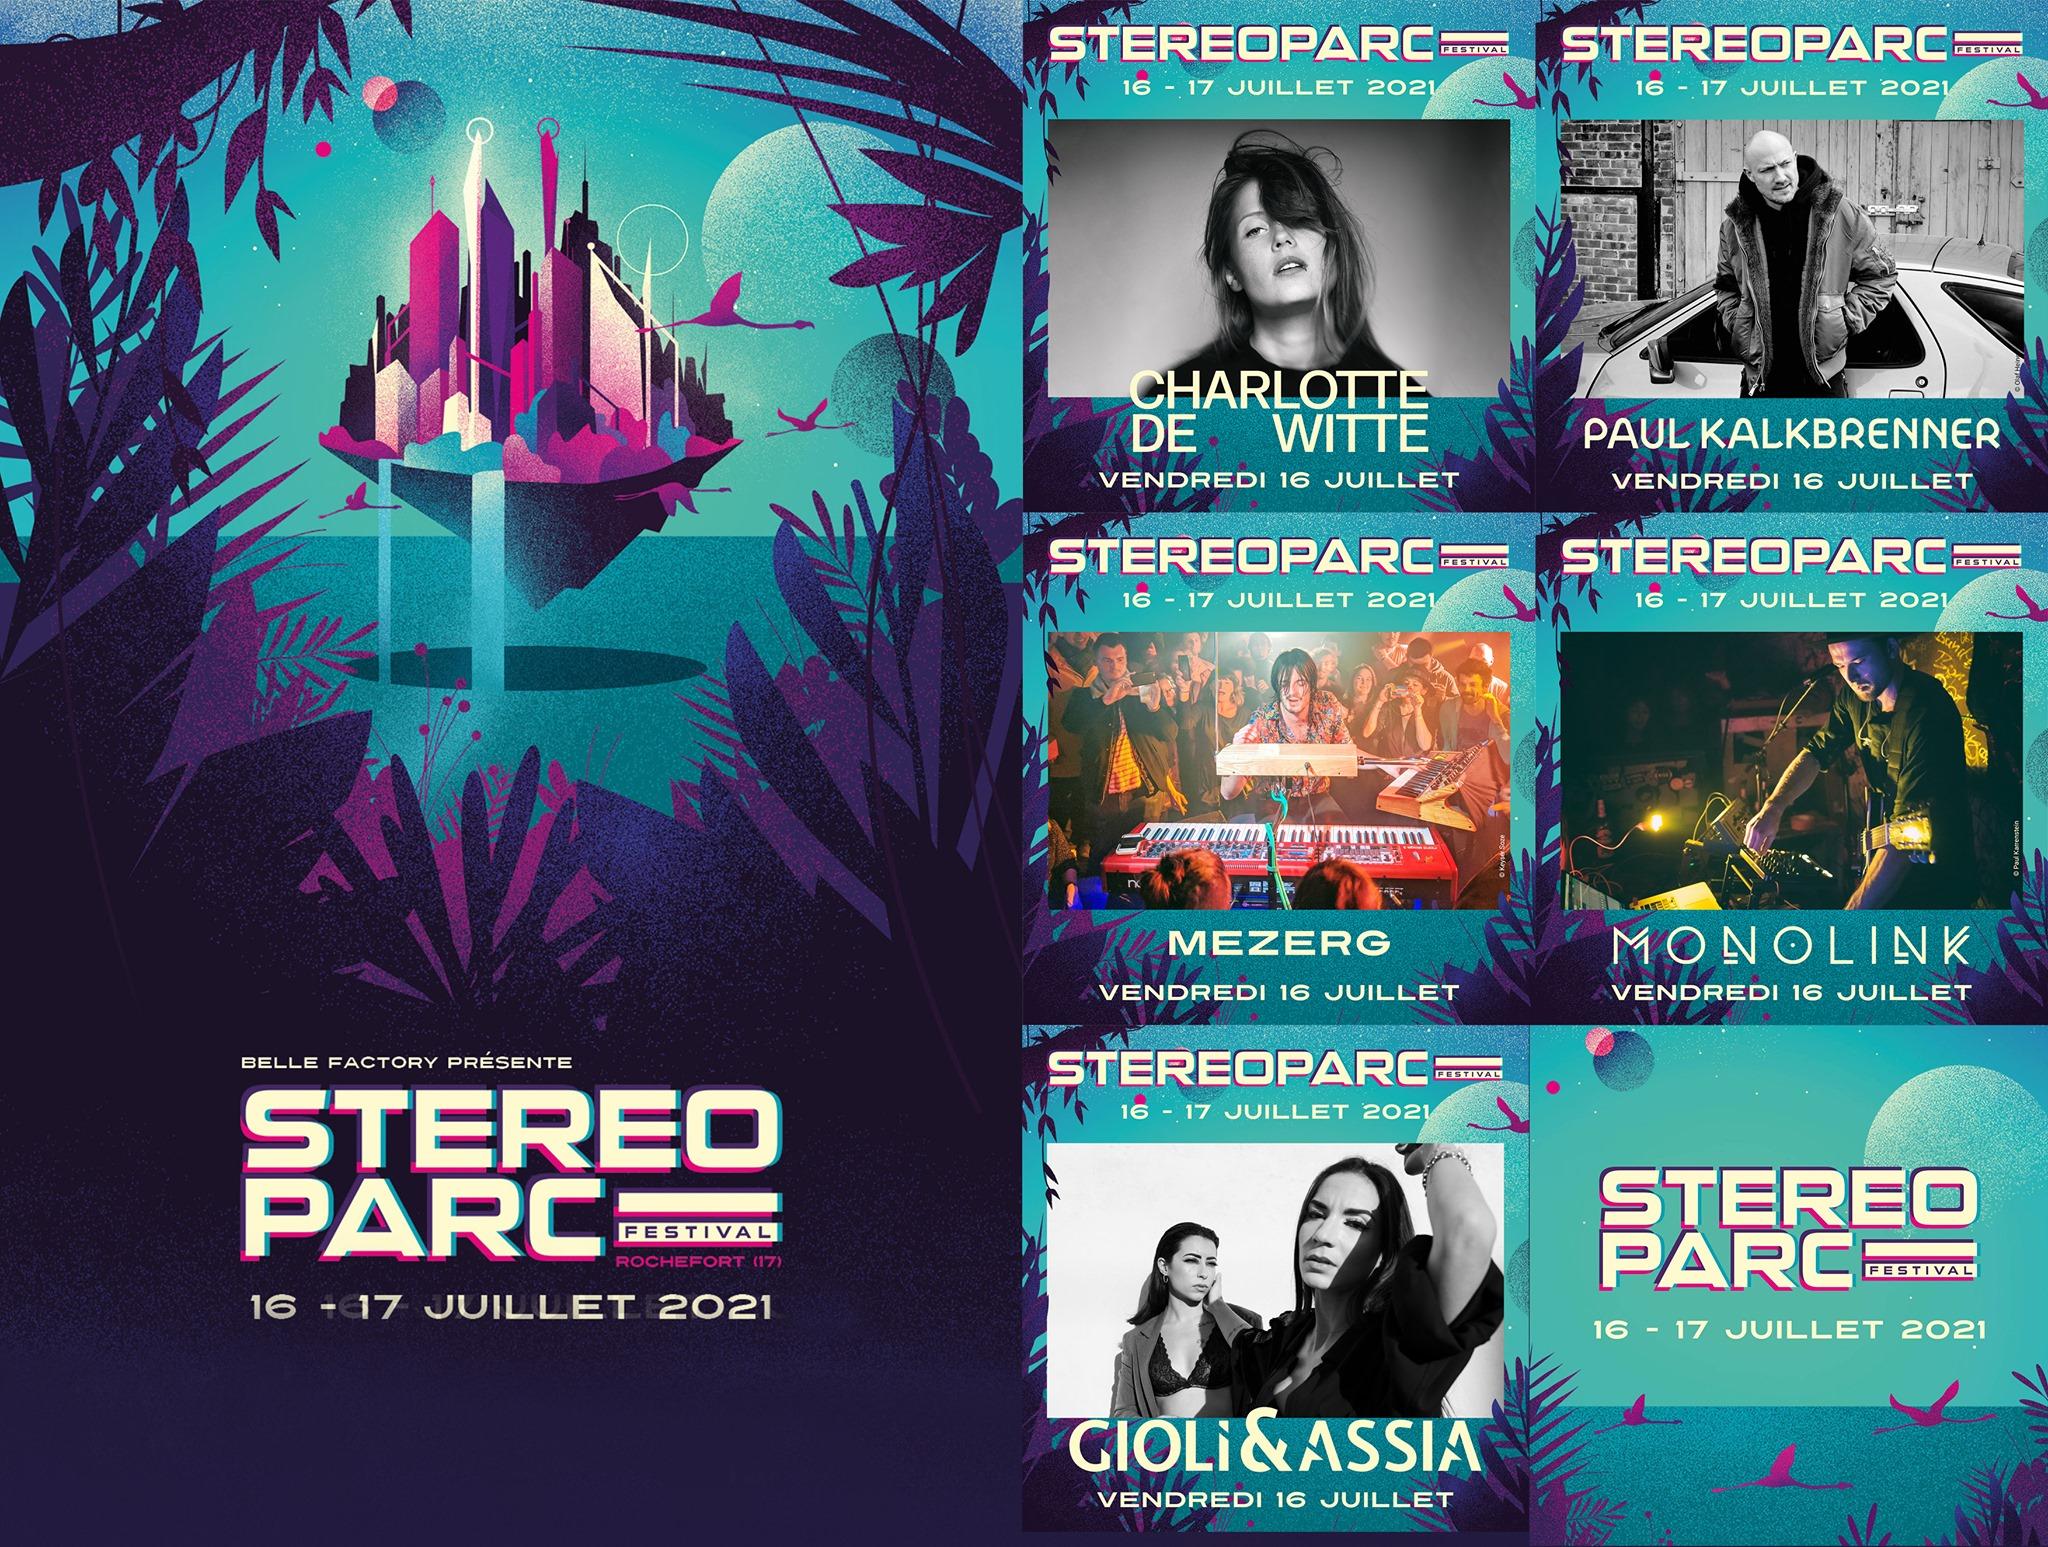 Line-up du stereoparc